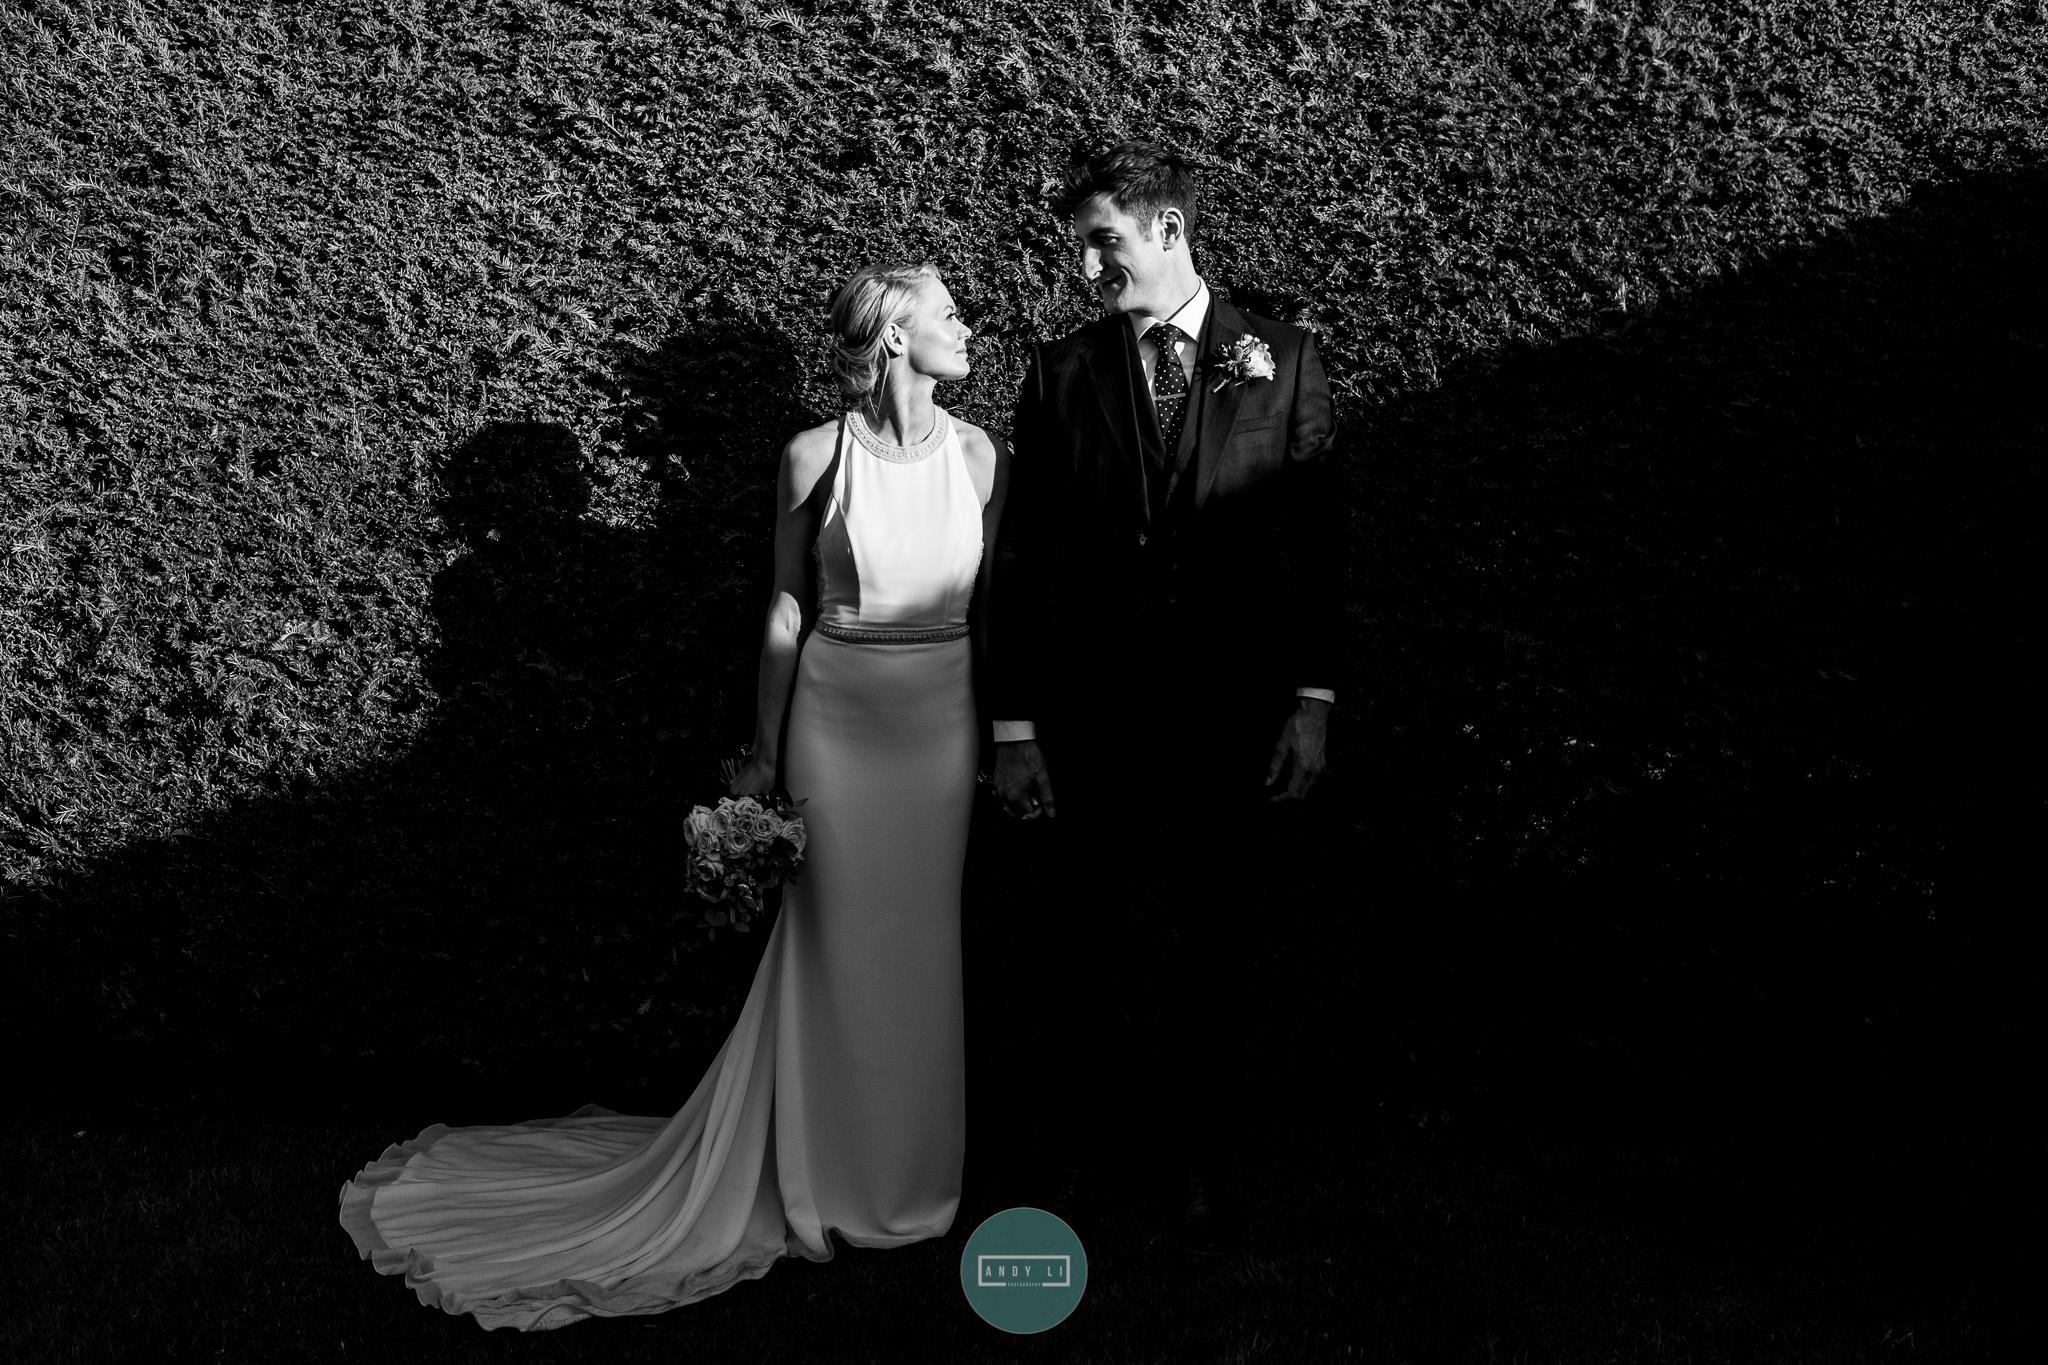 Pimhill Barn Wedding Photographer-020-AXT29454.jpg